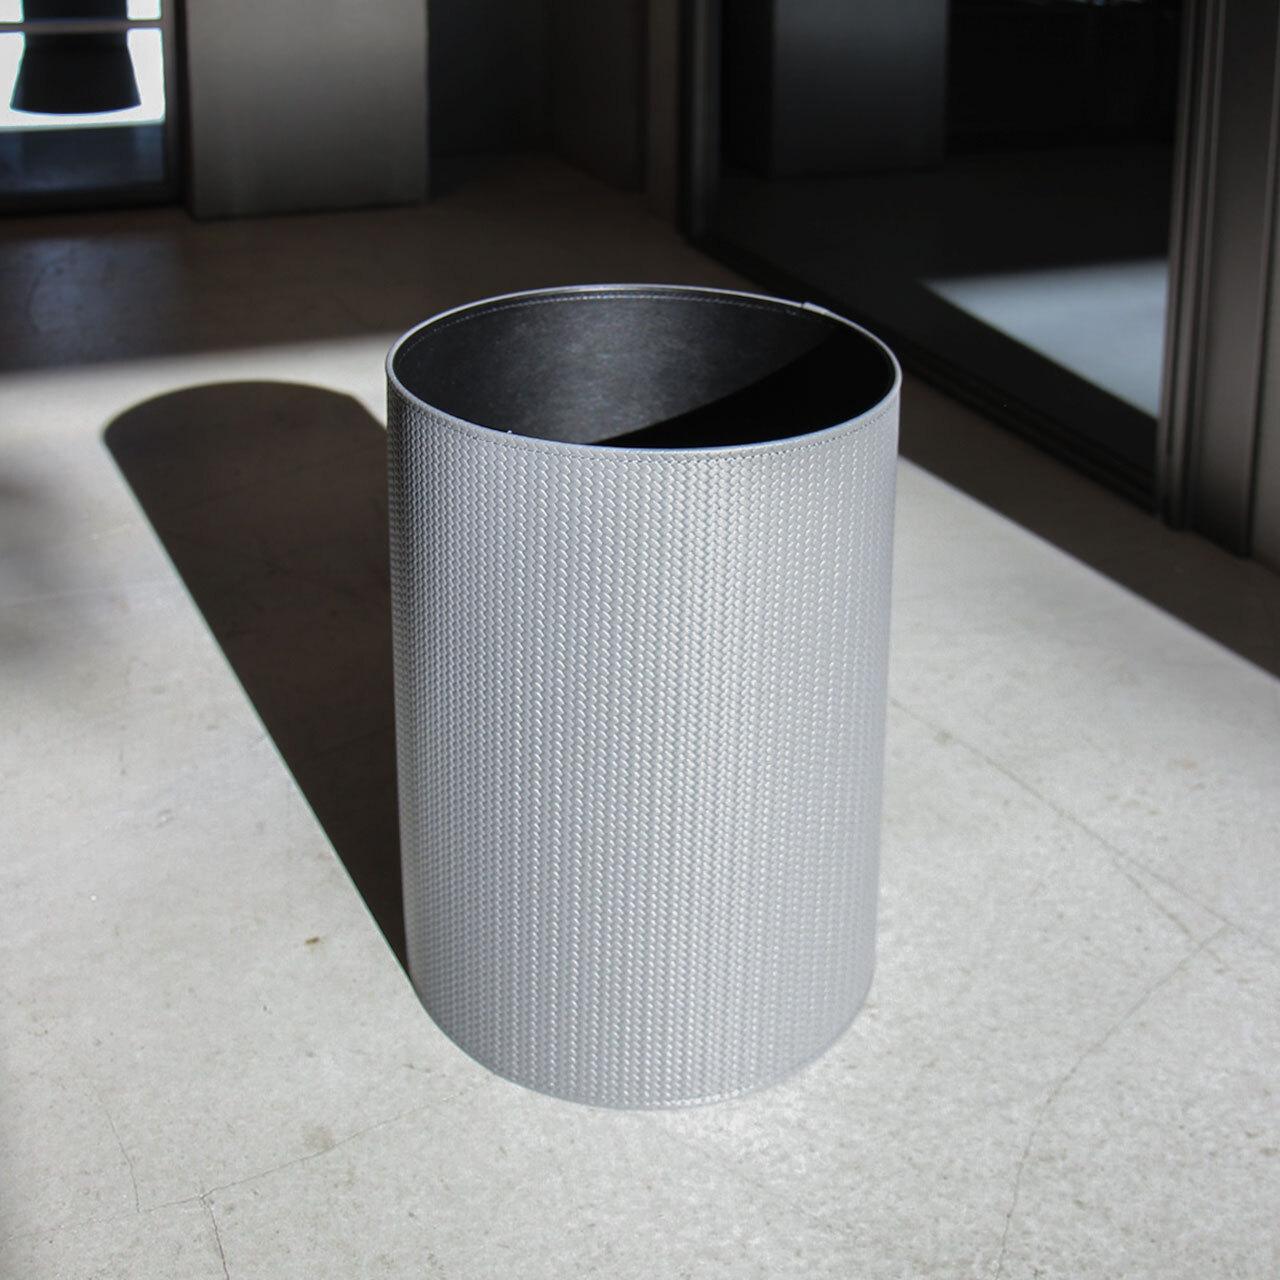 Pinetti Round Paper Bin / Firenze(ピネッティ ラウンドペーパービン/フィレンツェ)326-061